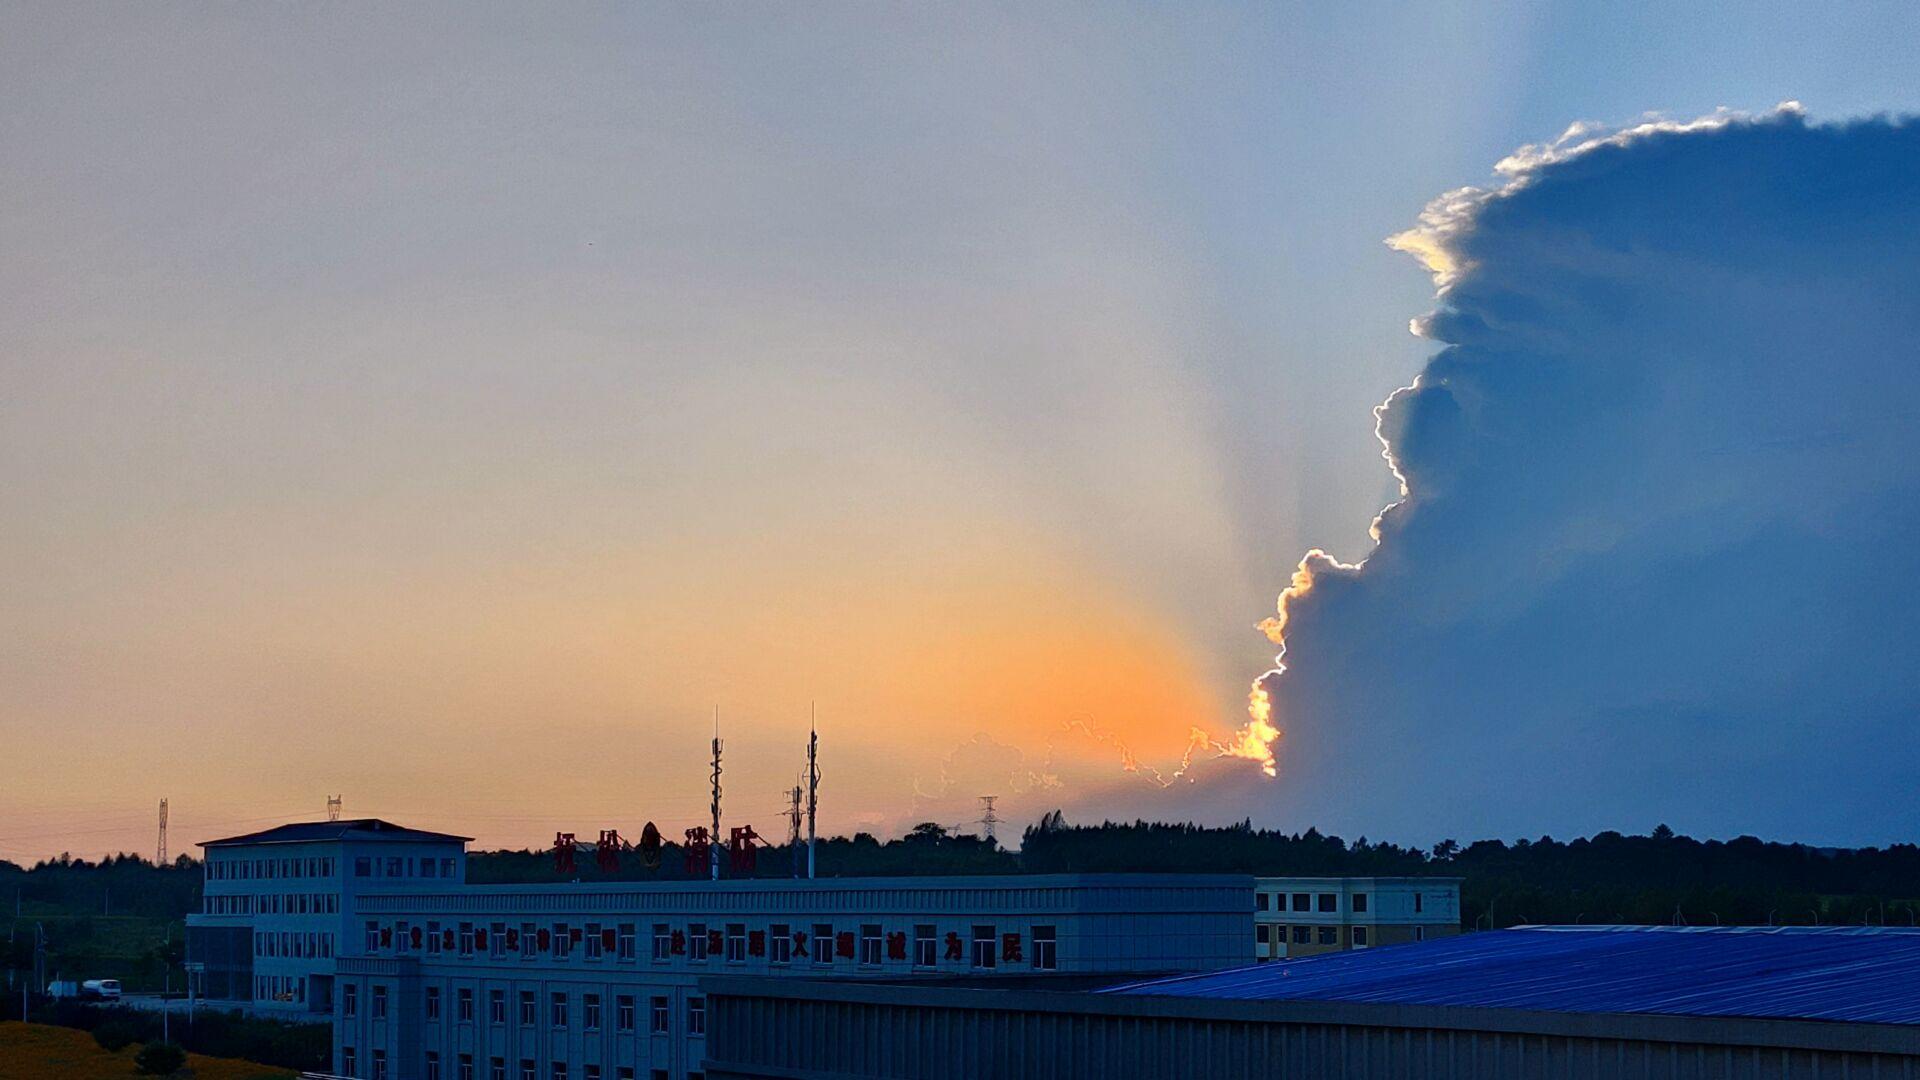 有人说这云彩像川普